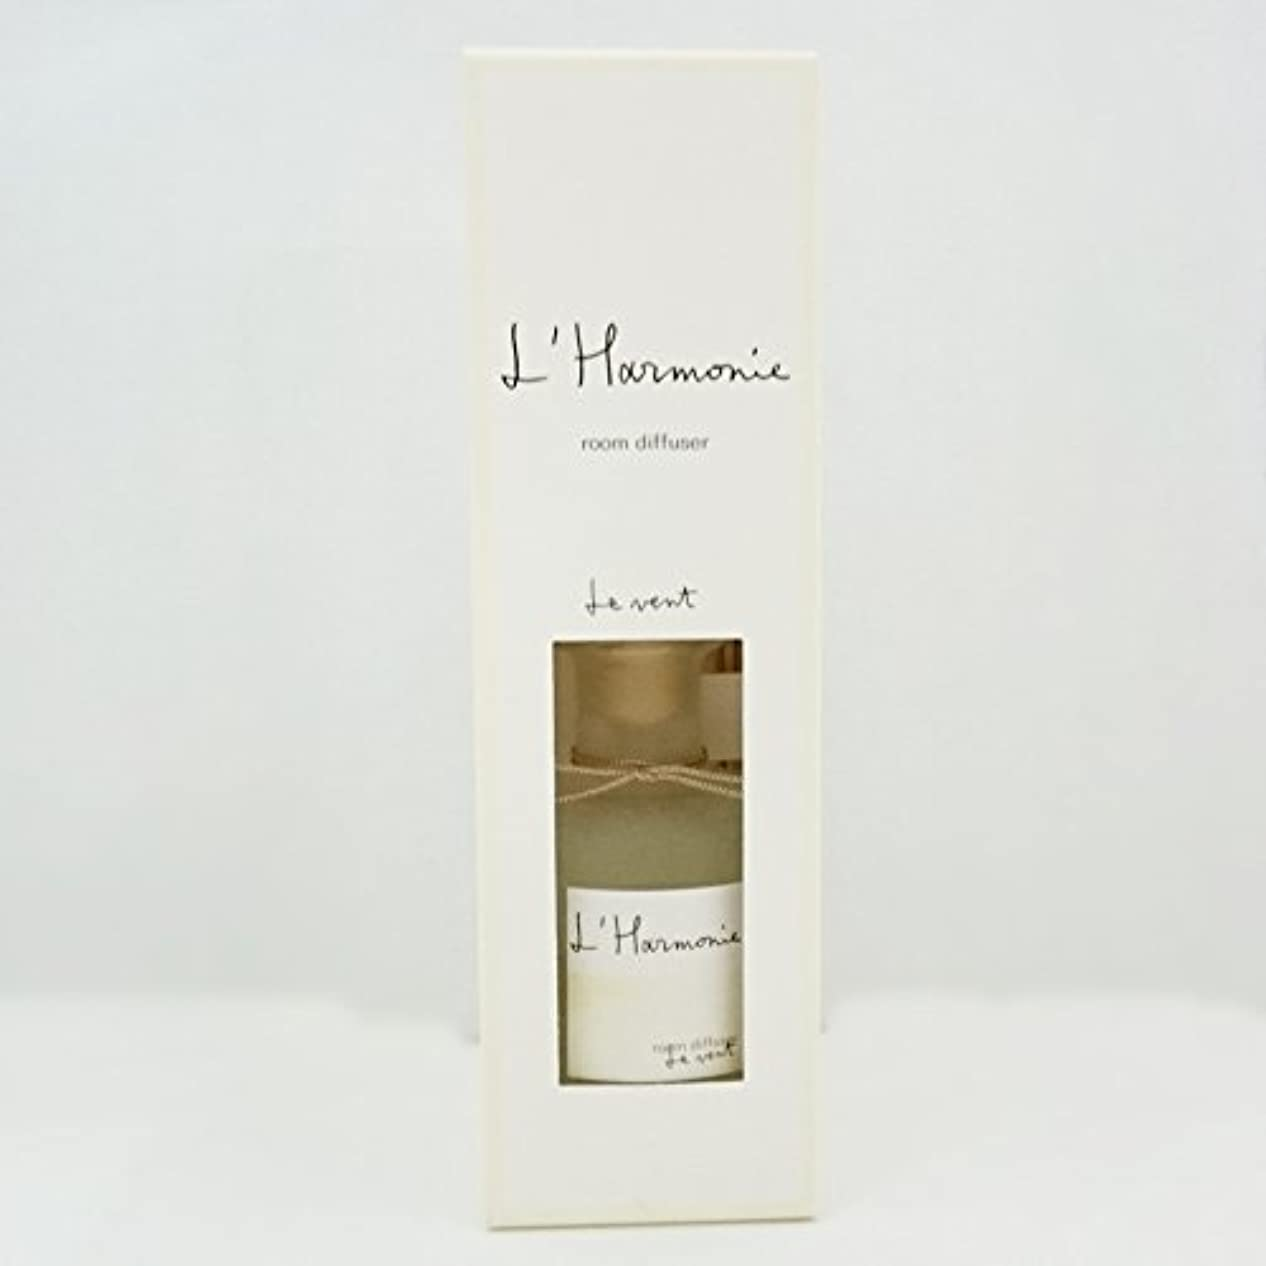 謙虚説明豊かなLothantique(ロタンティック) L' Harmonie(アルモニ) ルームディフューザー 200ml 「Le vent(ヴァン)」 4994228024640